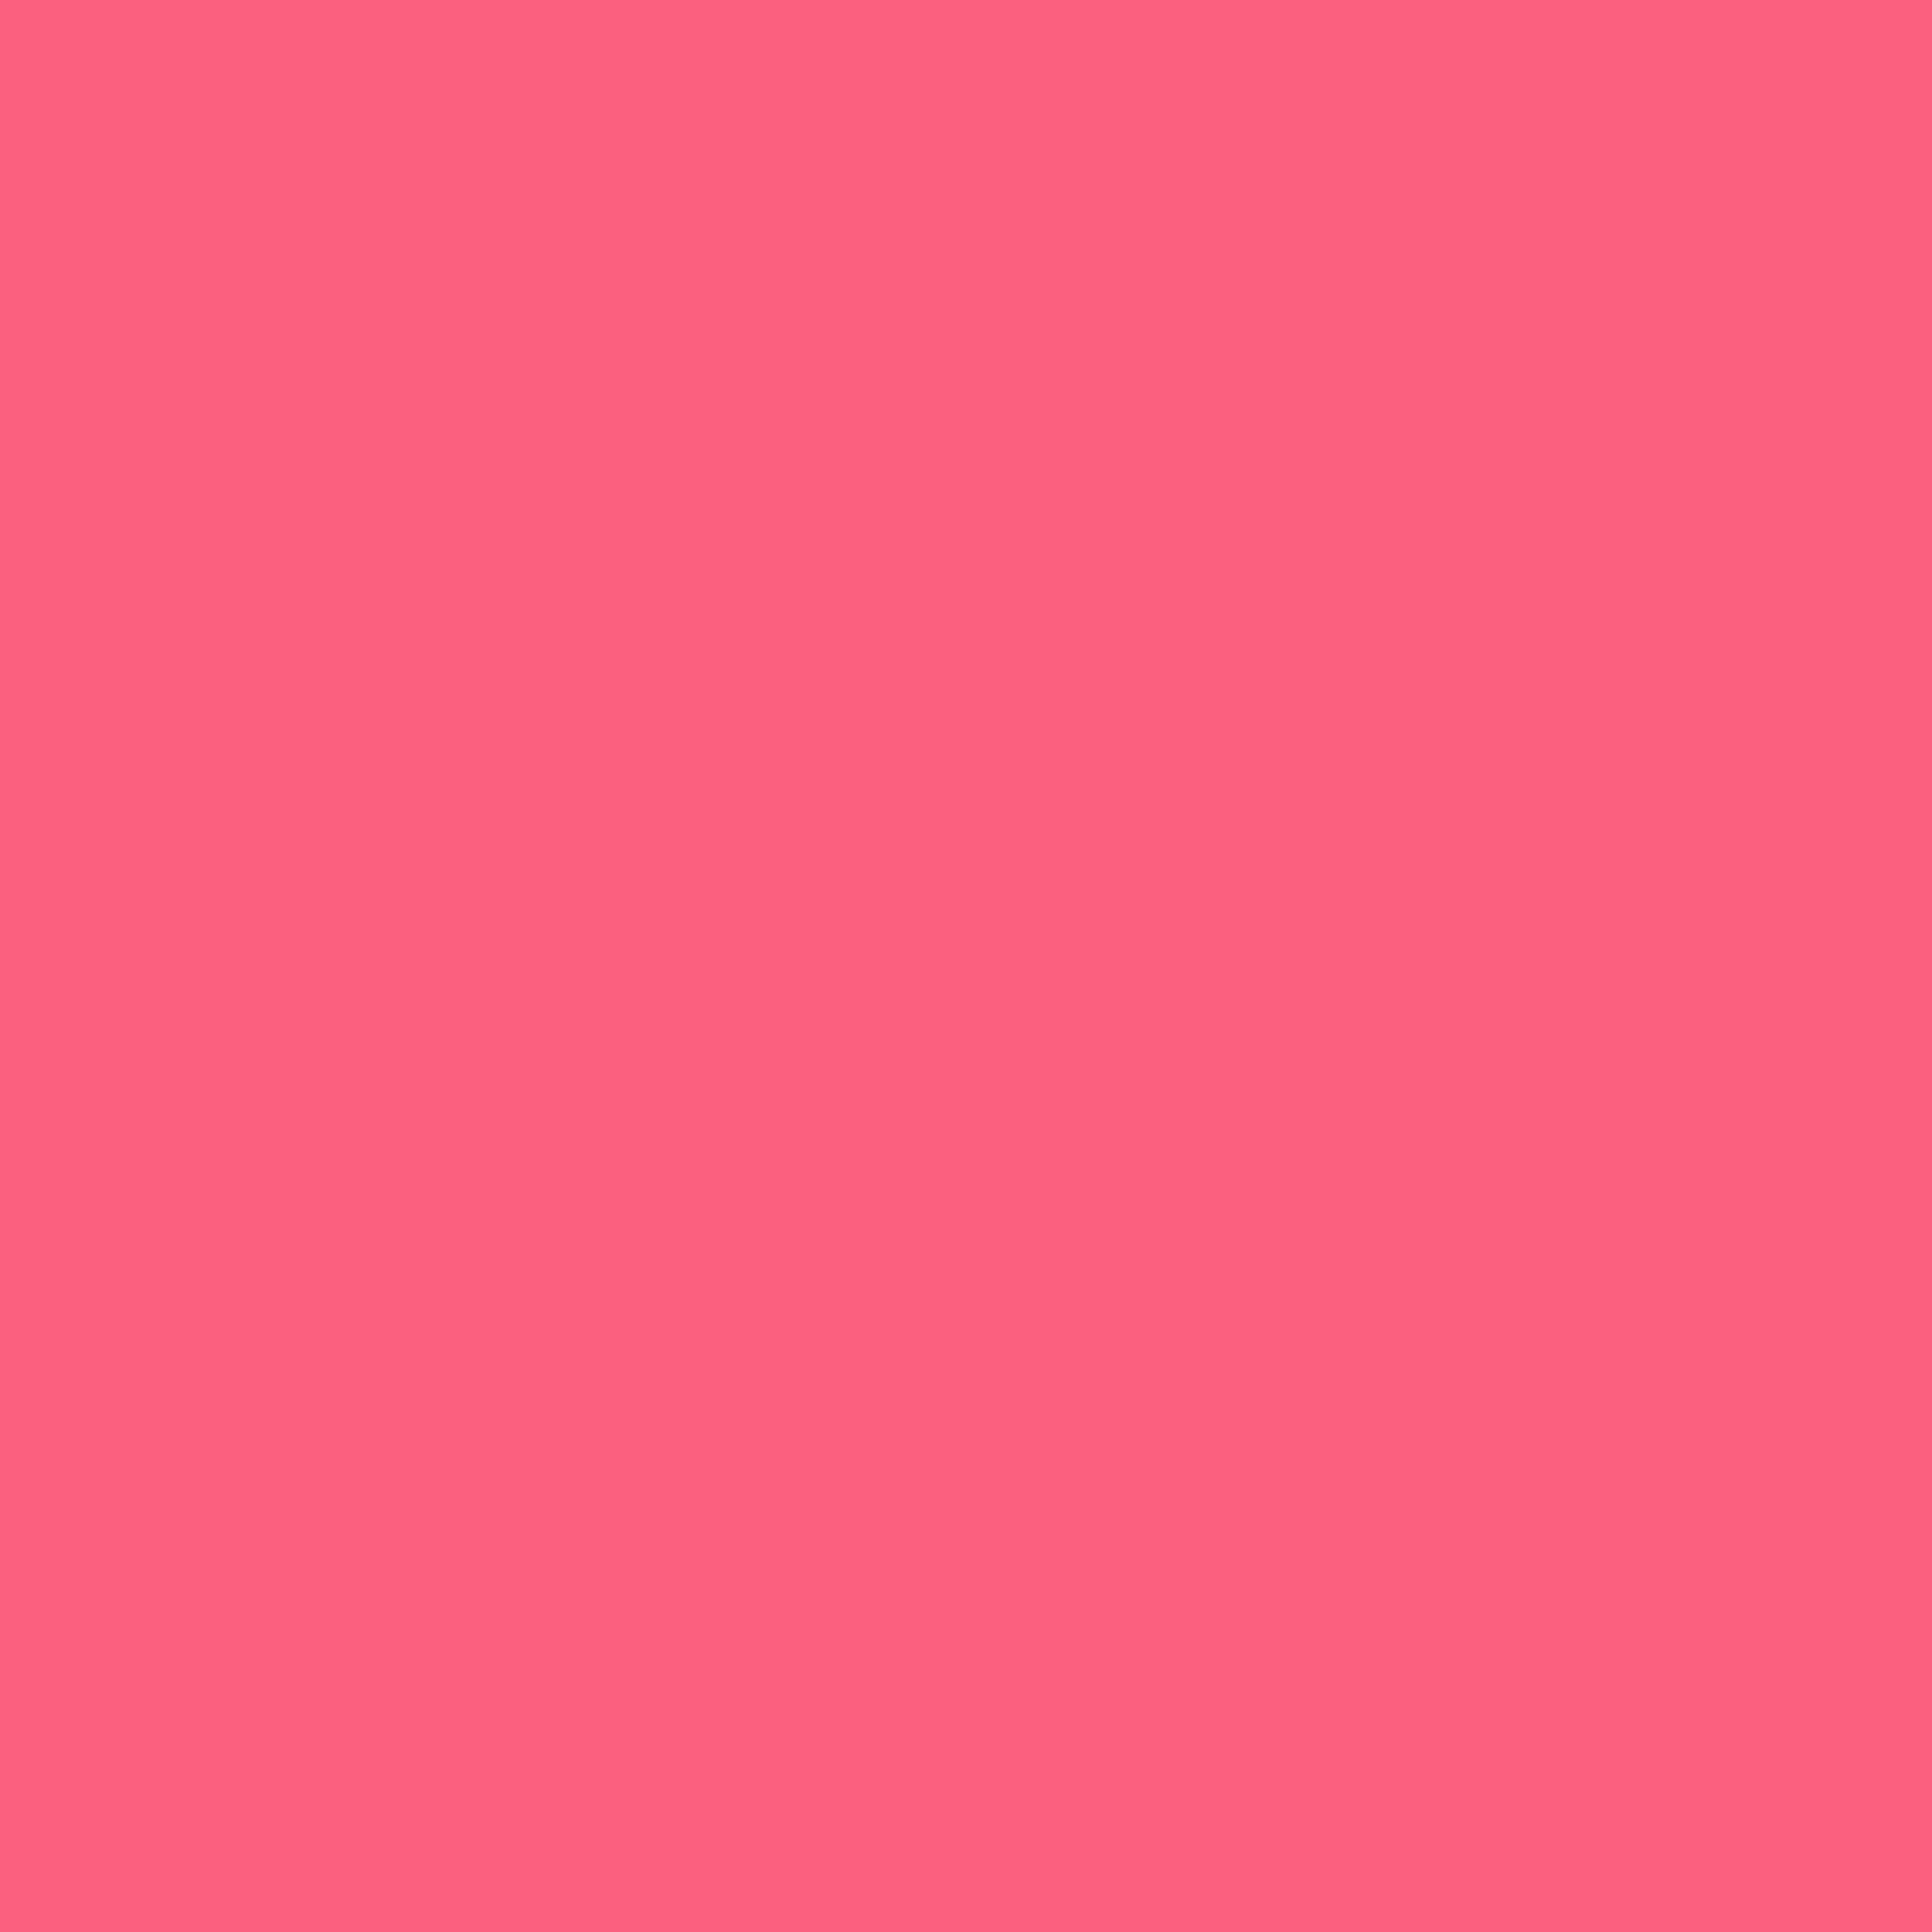 3600x3600 Brink Pink Solid Color Background